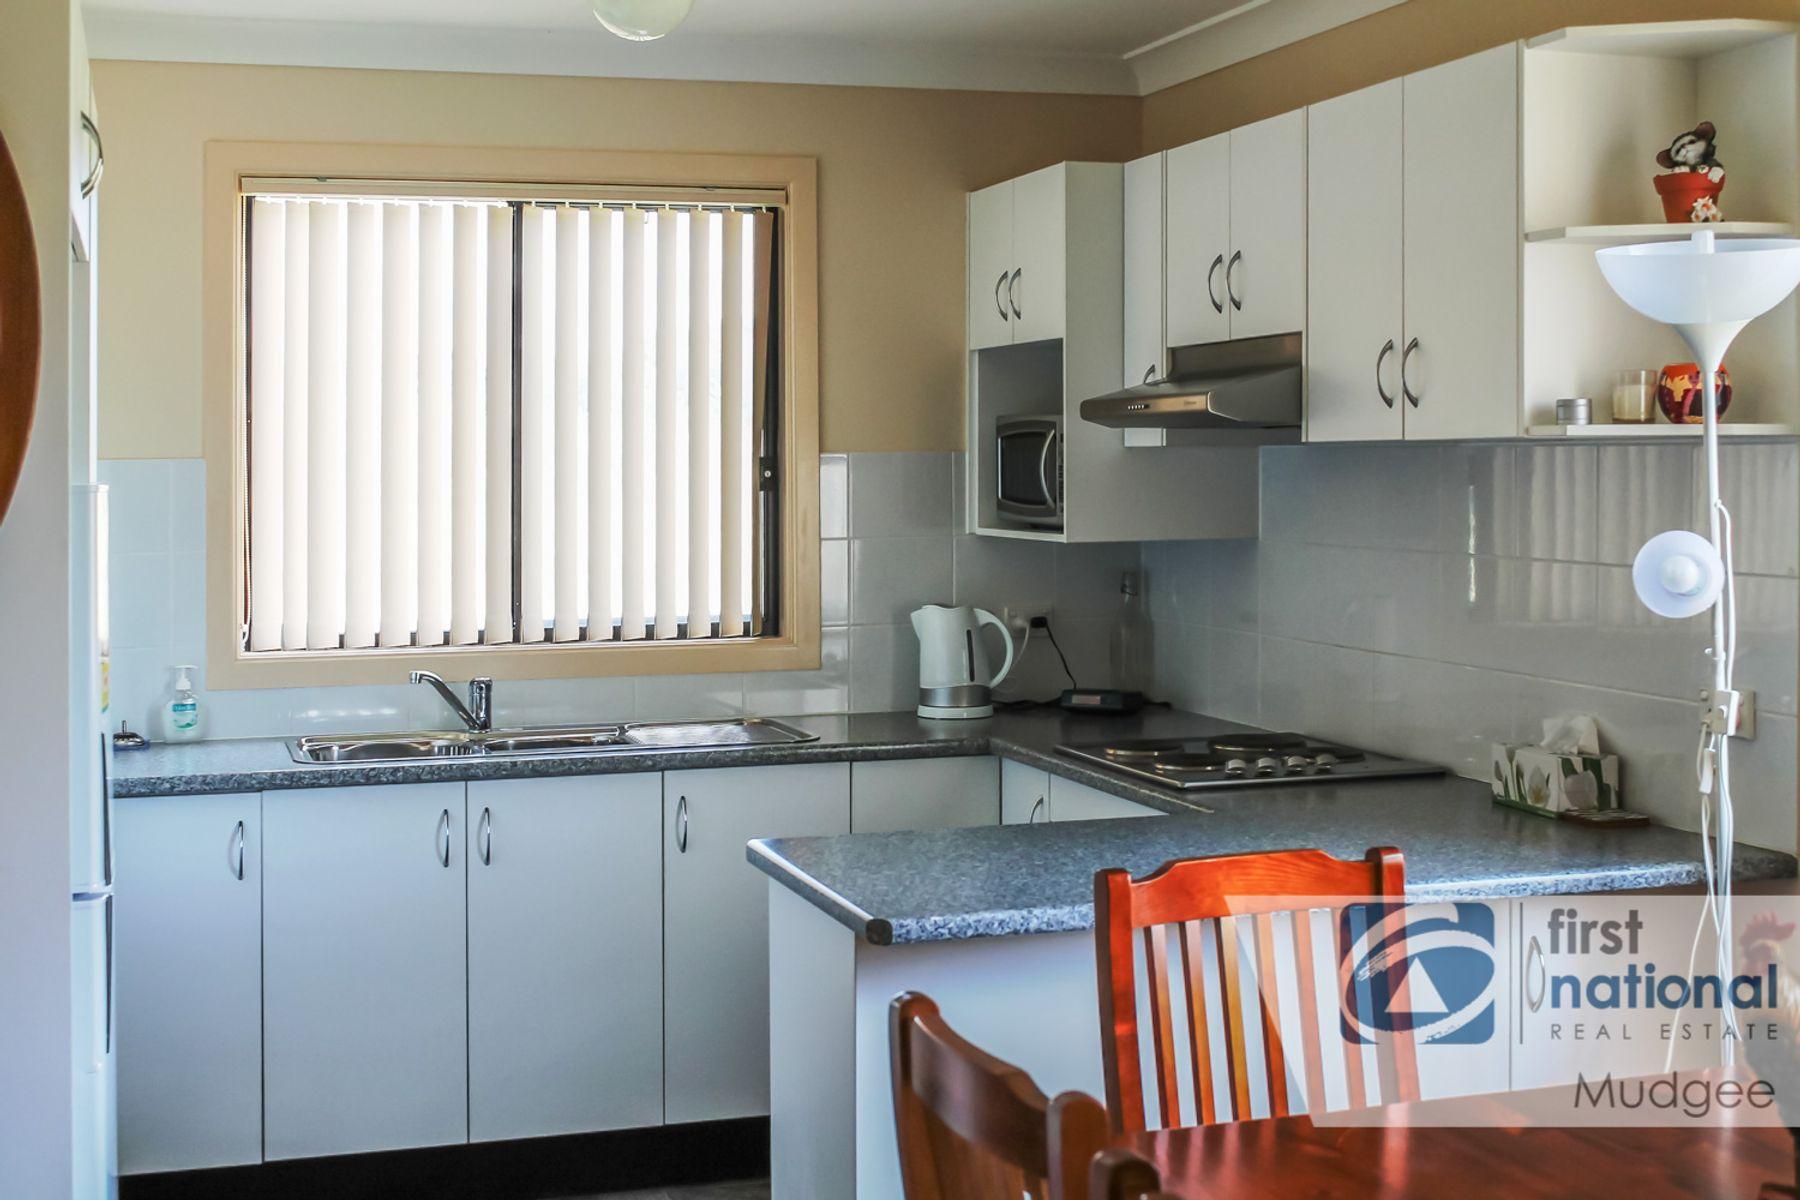 457 Spring Flat South Lane, Mudgee, NSW 2850